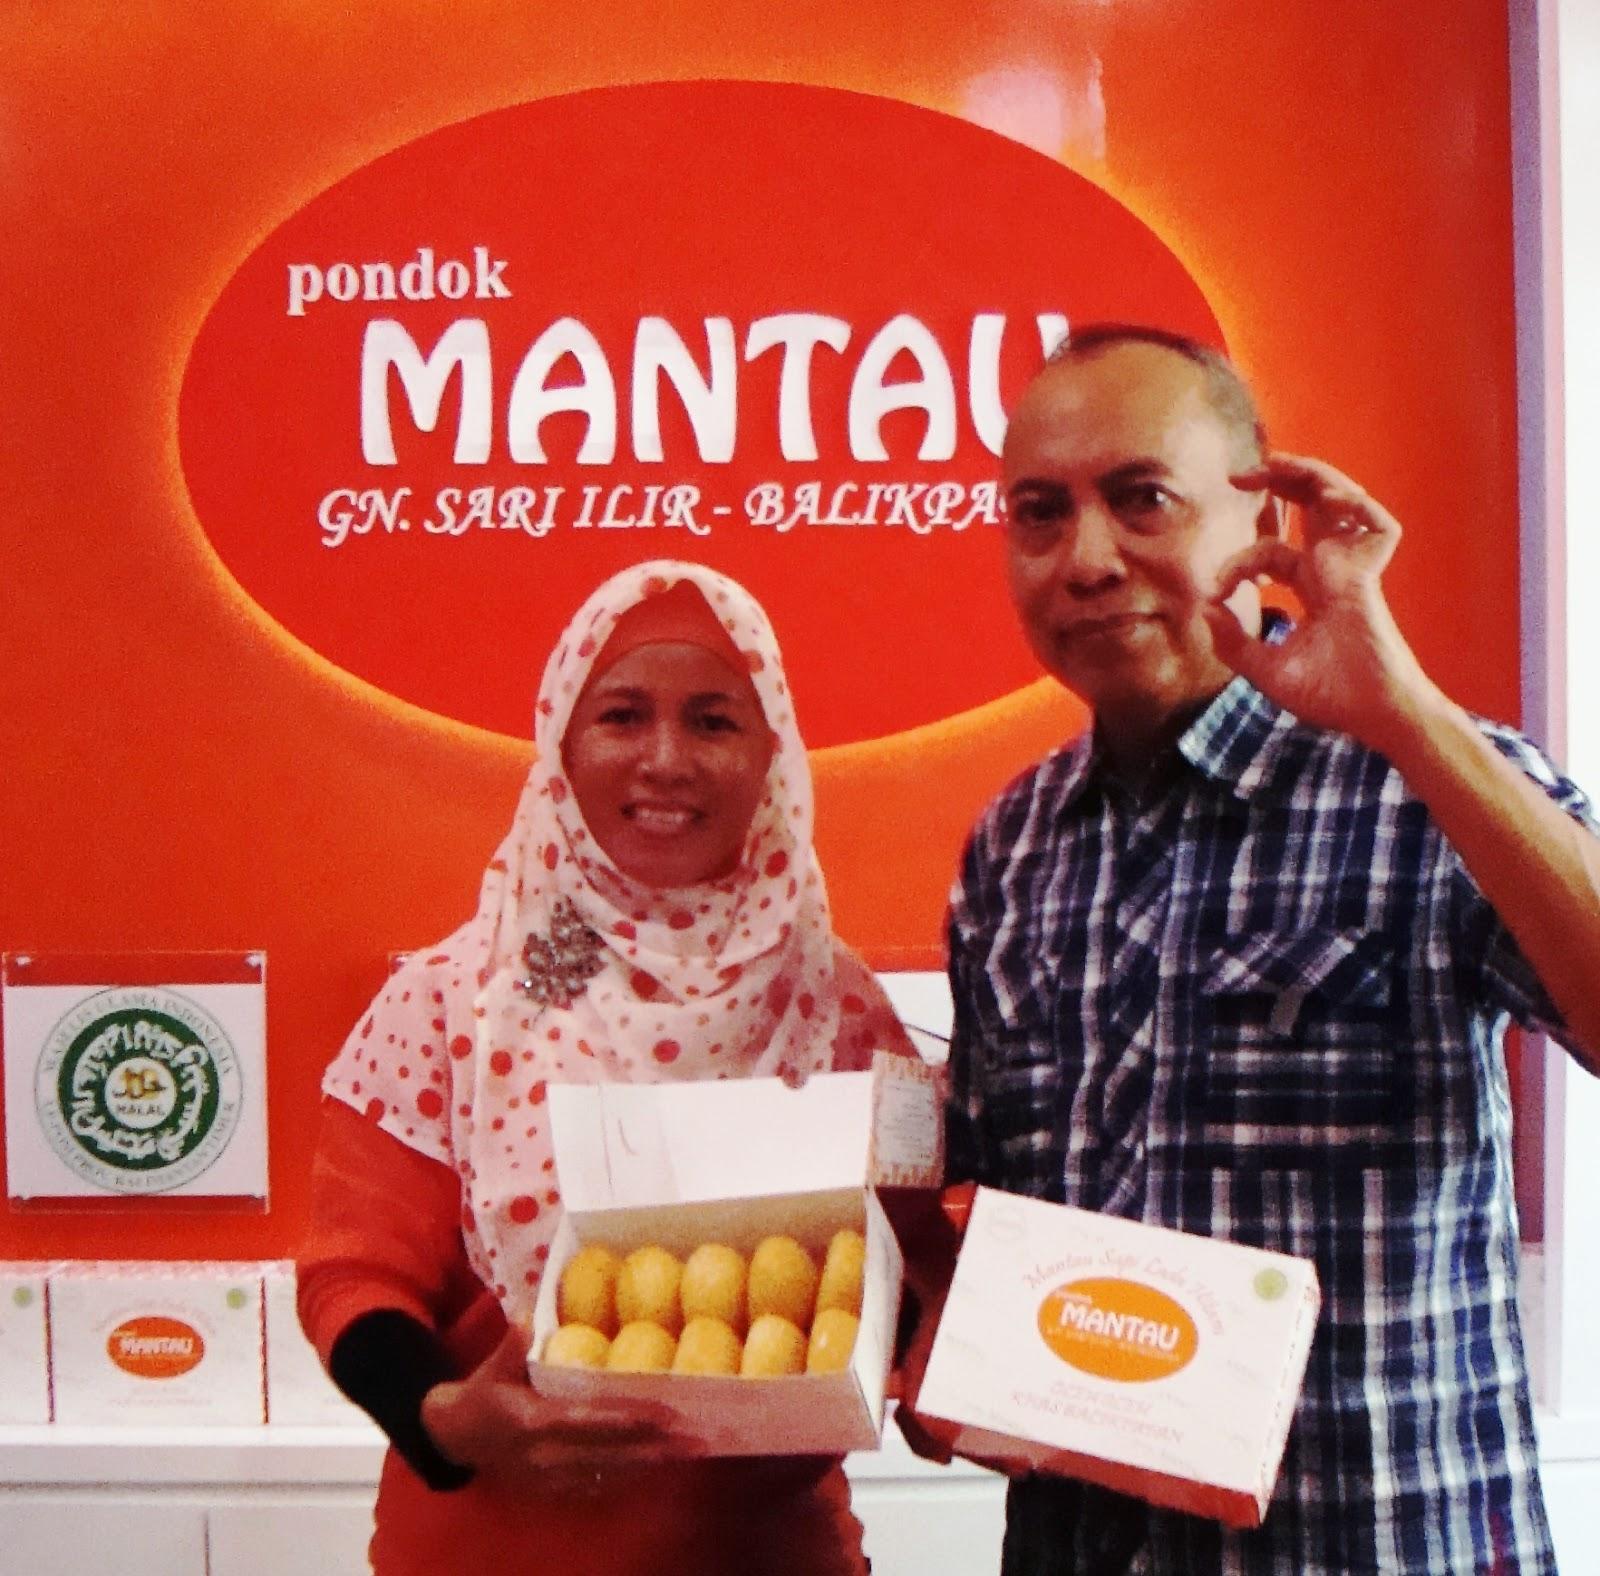 OLEH SPECIAL DARI BALIKPAPAN: Mantau (Roti